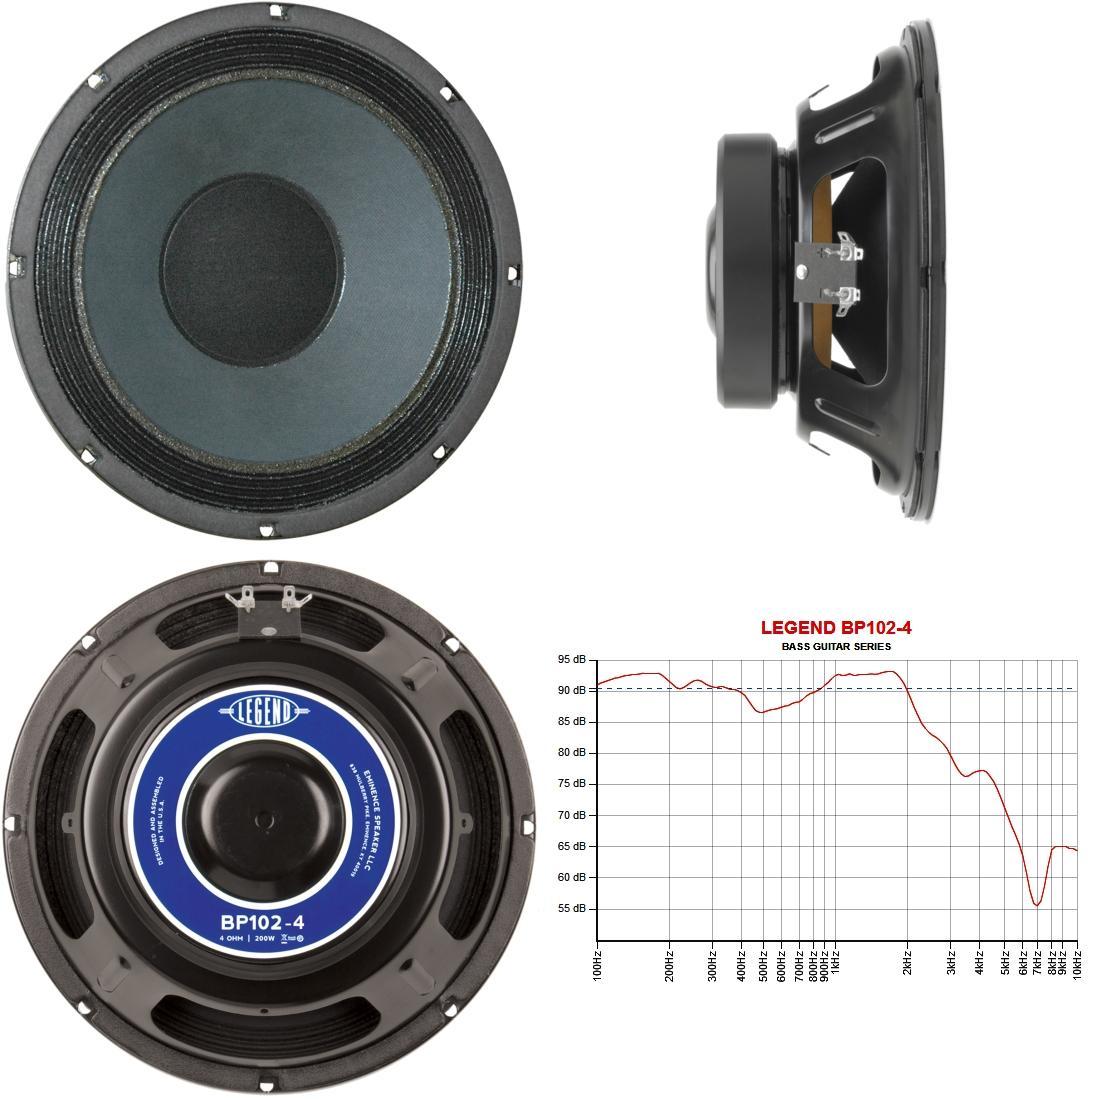 eminence legend bp102 4 10 guitar speaker 200 watts at 4 ohms musical instruments. Black Bedroom Furniture Sets. Home Design Ideas